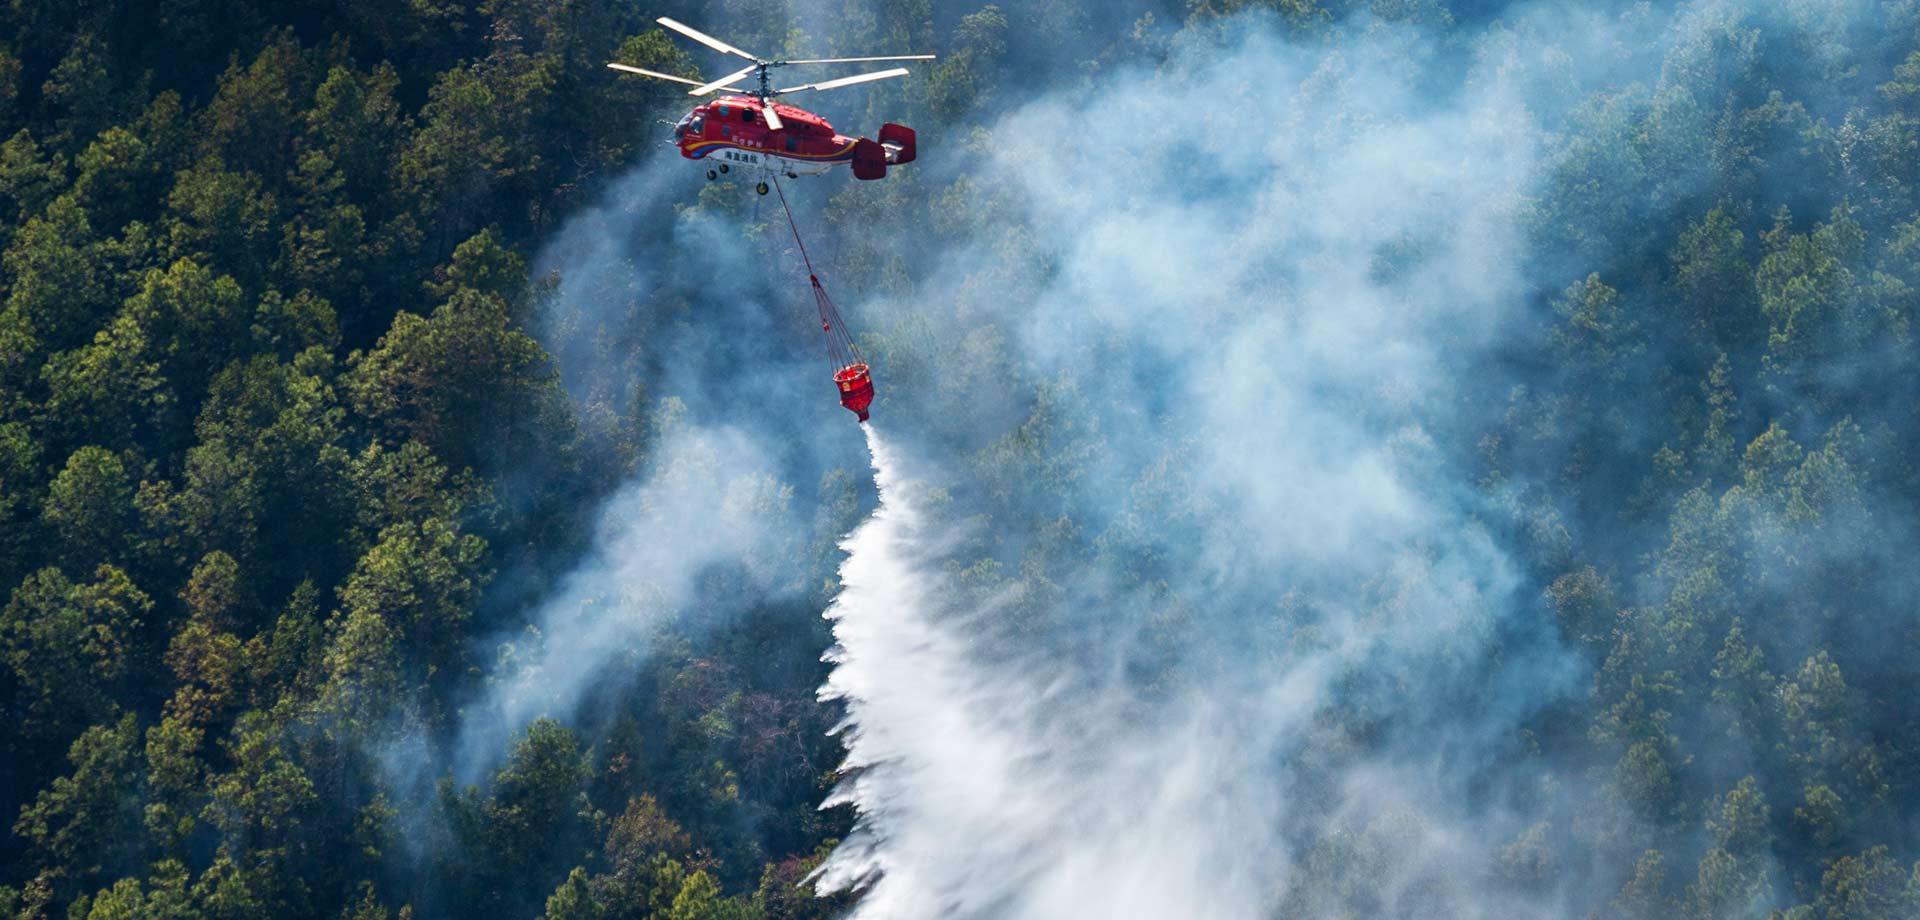 探秘滅火直升機是如何工作的